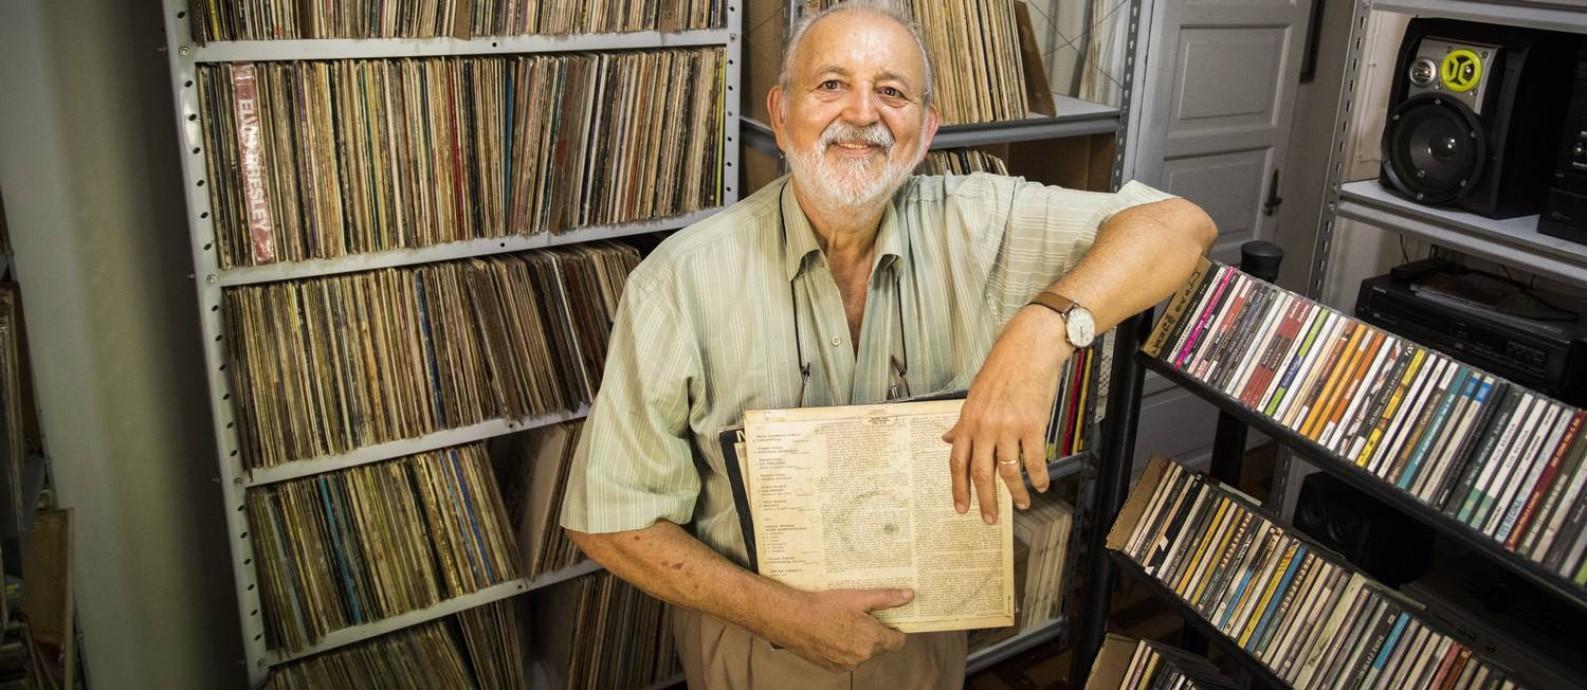 Pedro Passos e o acervo, aberto para aficionados, que mantém em uma casa no Humaitá Foto: Bárbara Lopes /Agência O Globo